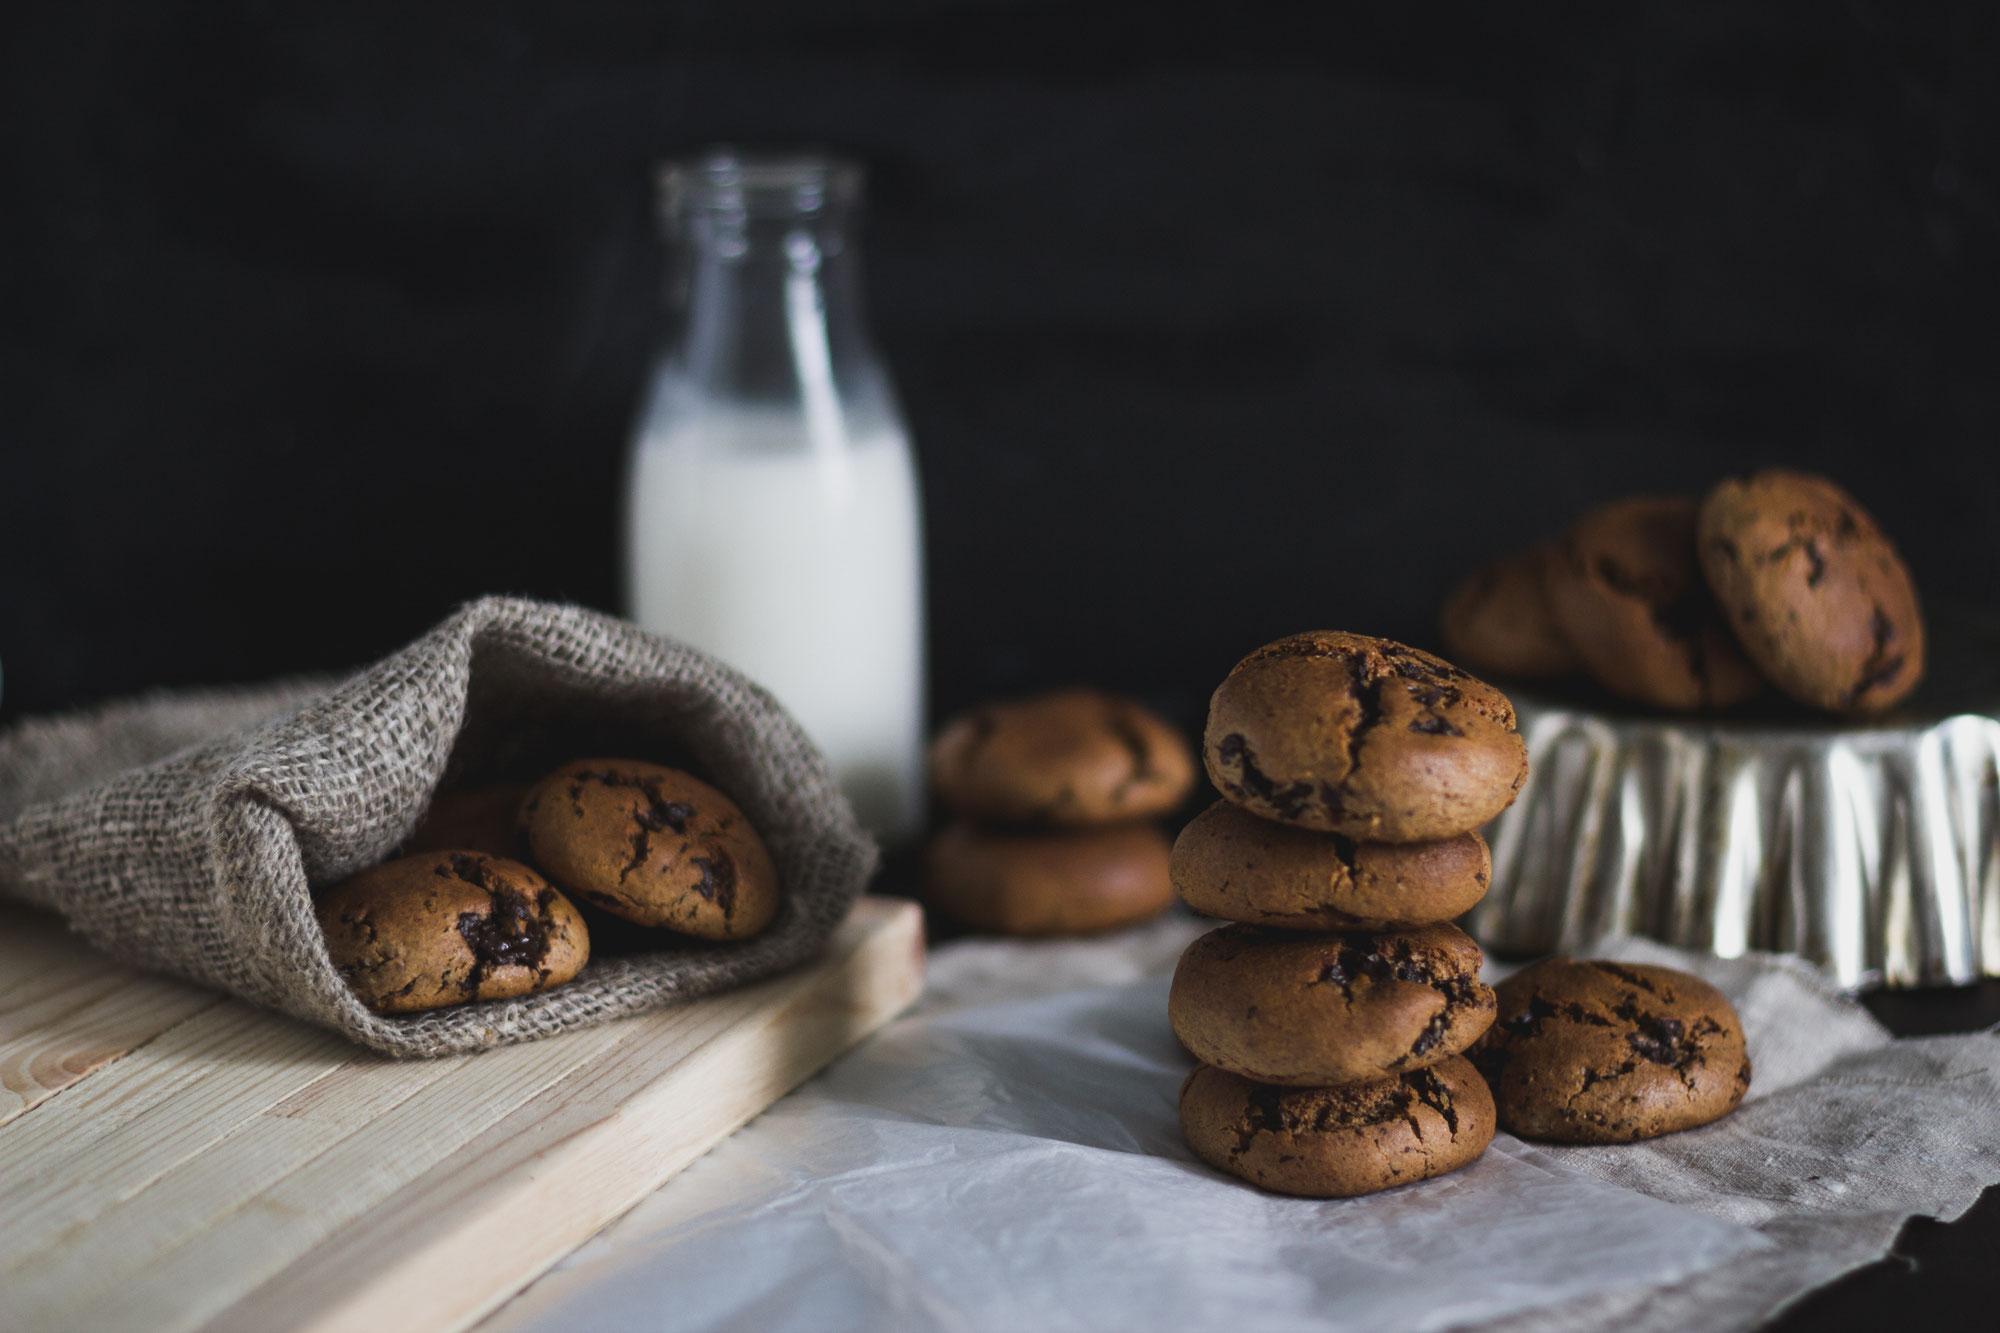 Cookies - Was will NOYB eigentlich?